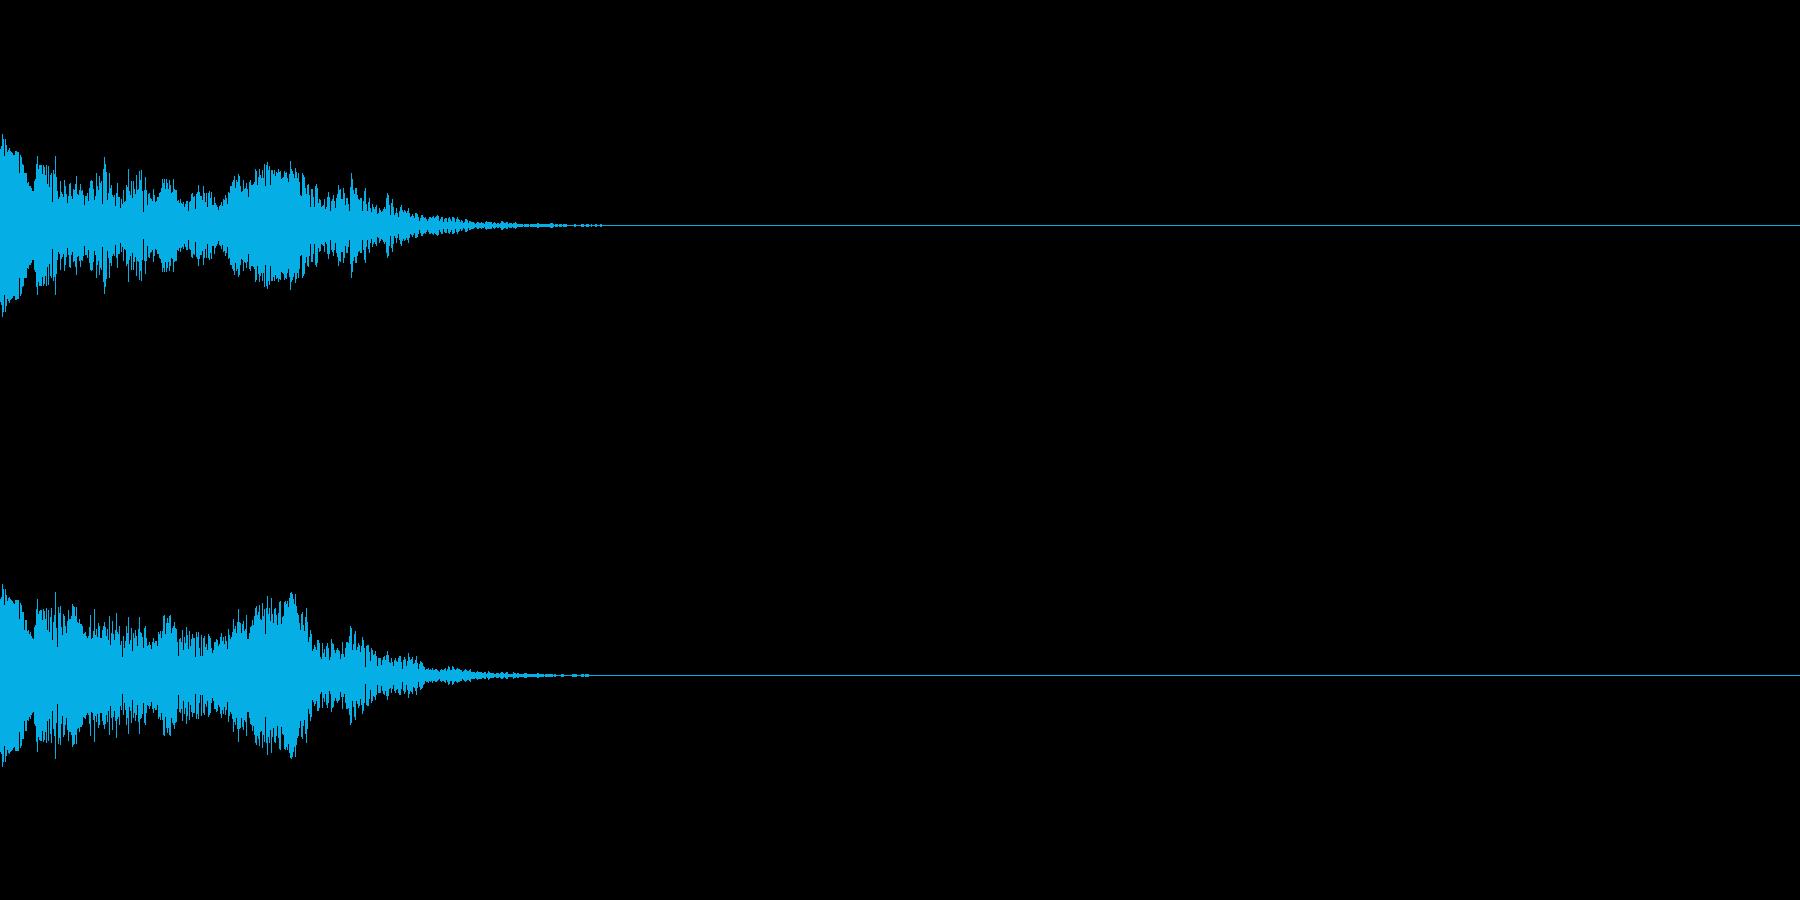 【アラーム01-4】の再生済みの波形